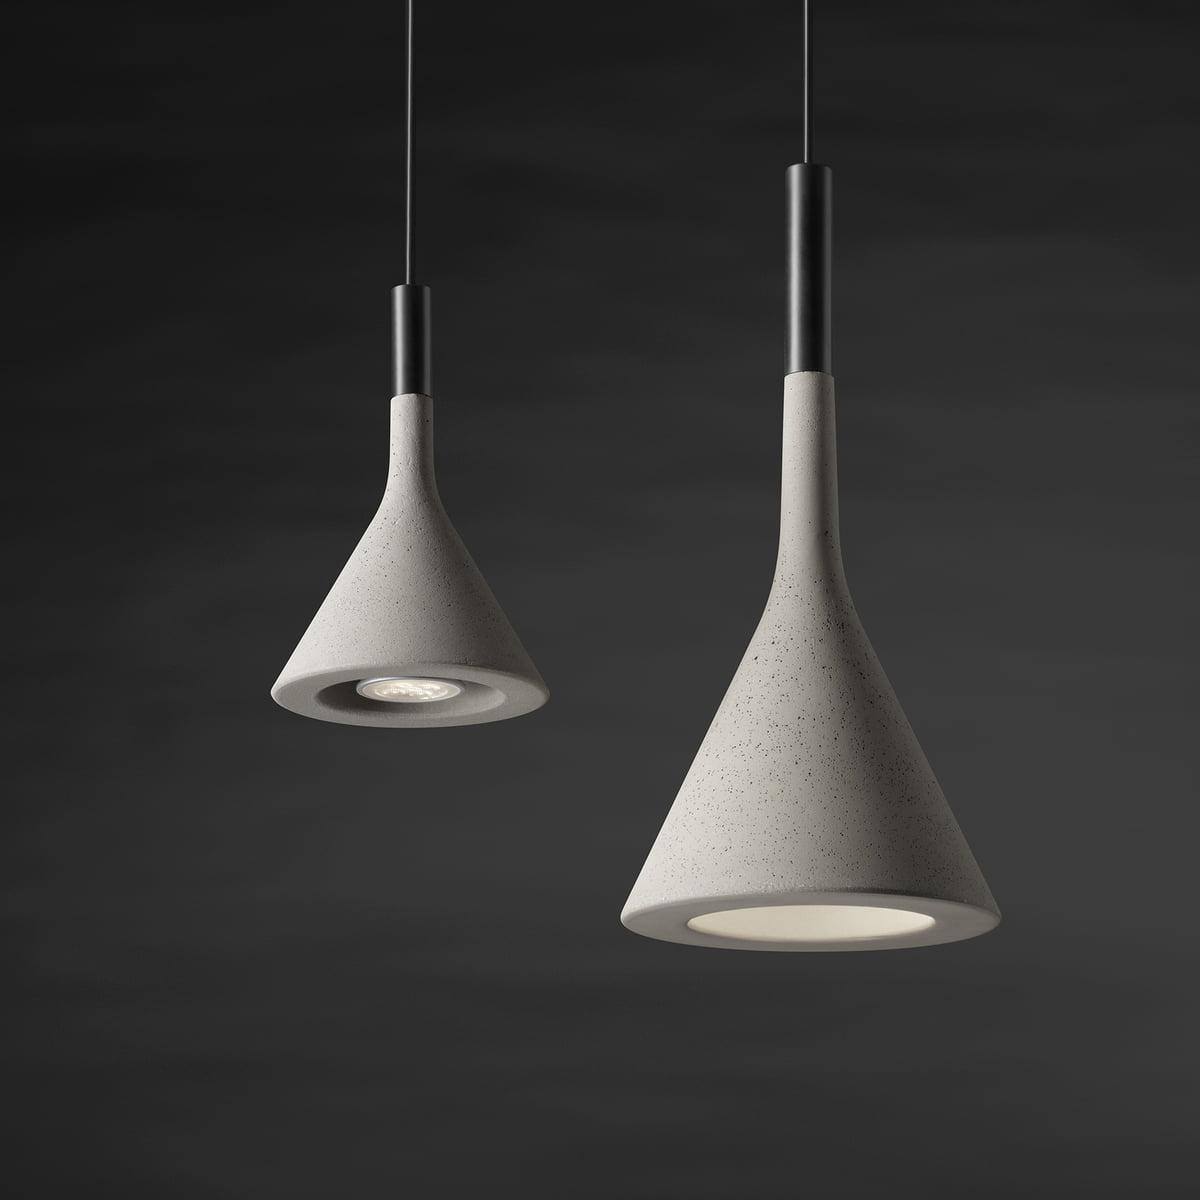 beton leuchte aplomb von foscarini im shop. Black Bedroom Furniture Sets. Home Design Ideas